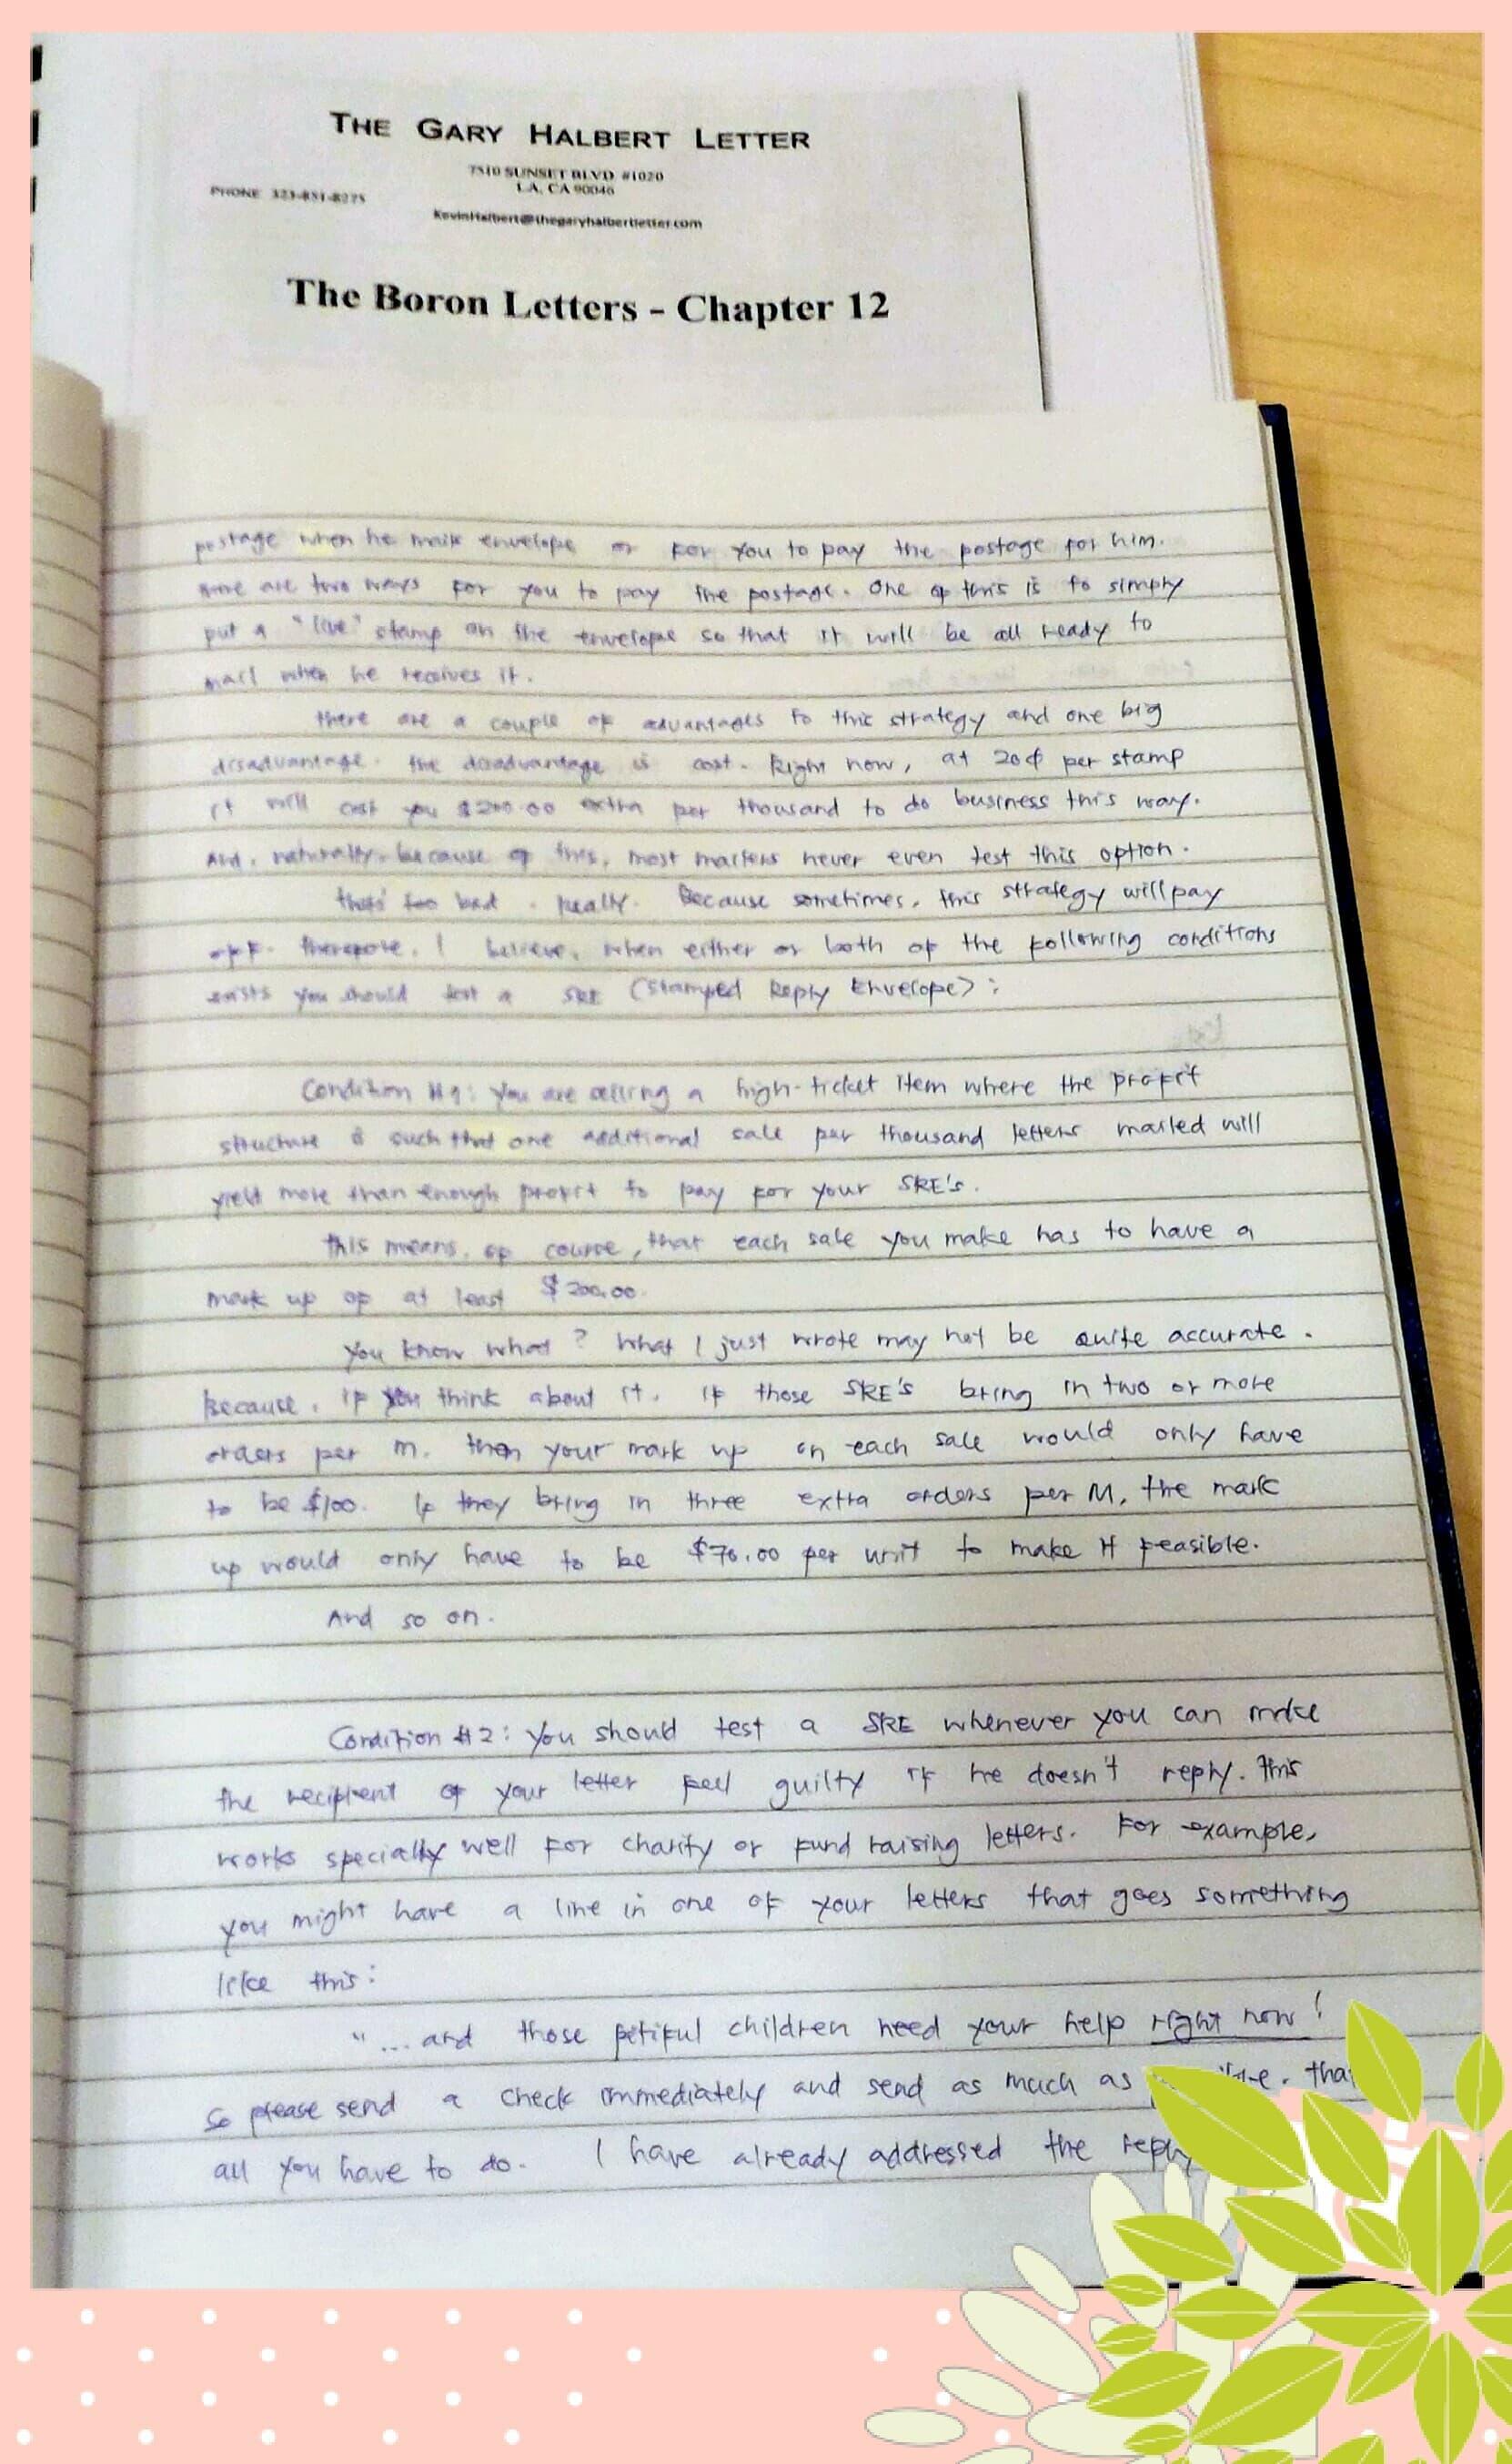 katemagat-copywriter-boron12-3